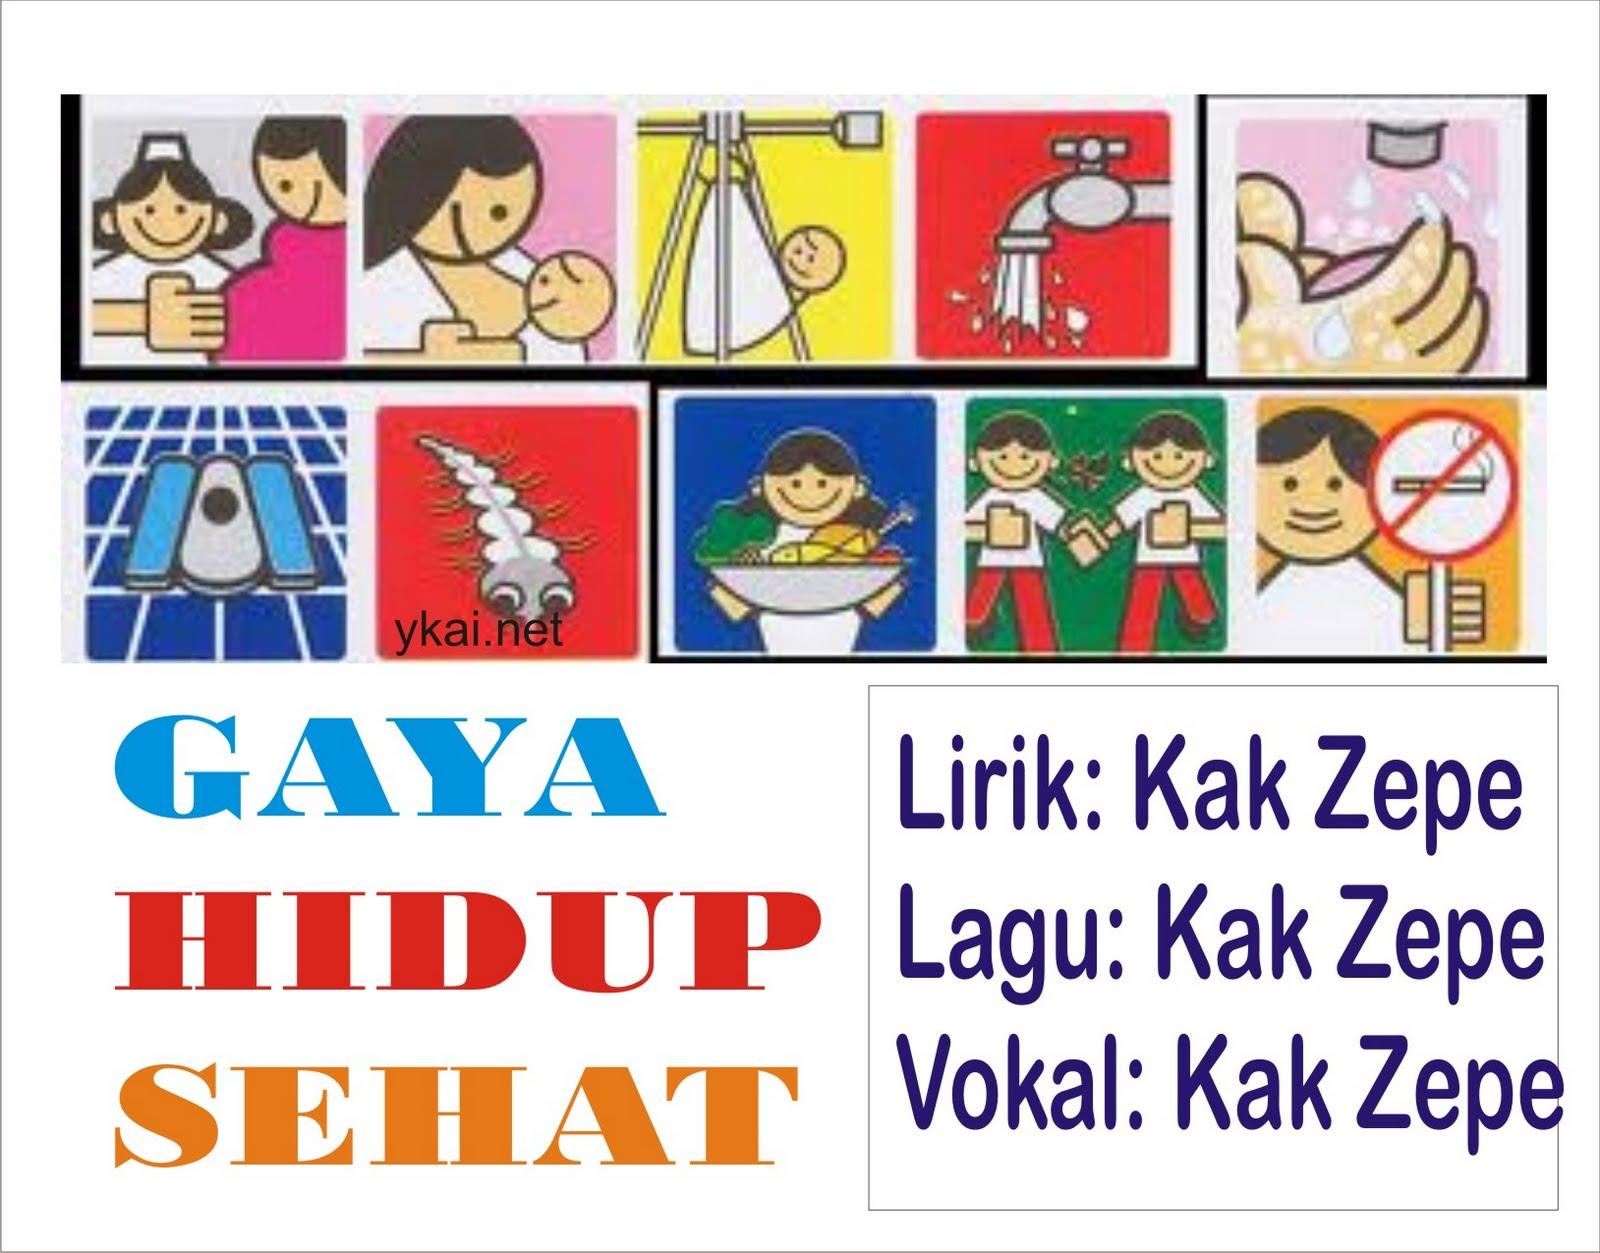 Anak Tentang Kesehatan dan Gaya Hidup Sehatr Untuk Anak-Anak - Peduli